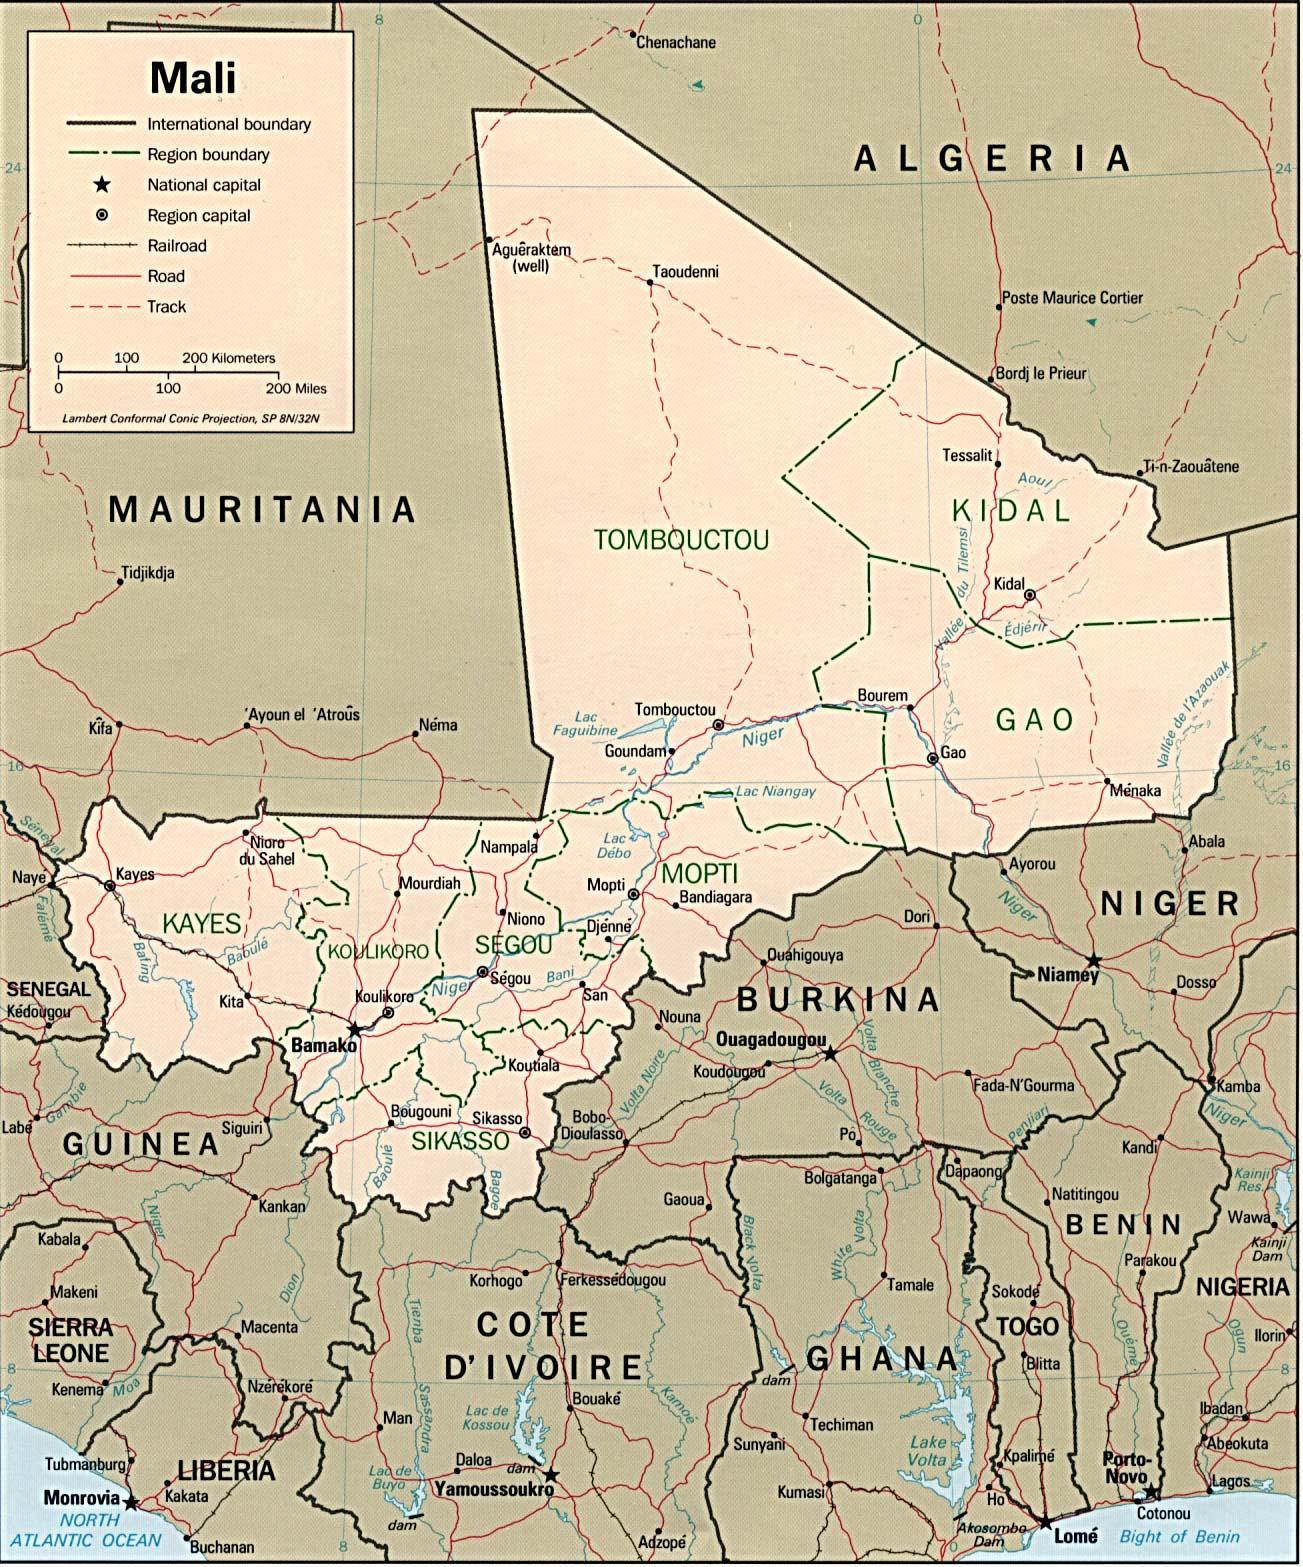 Map Of Mali Mali [Political Map] 1977 (415K)